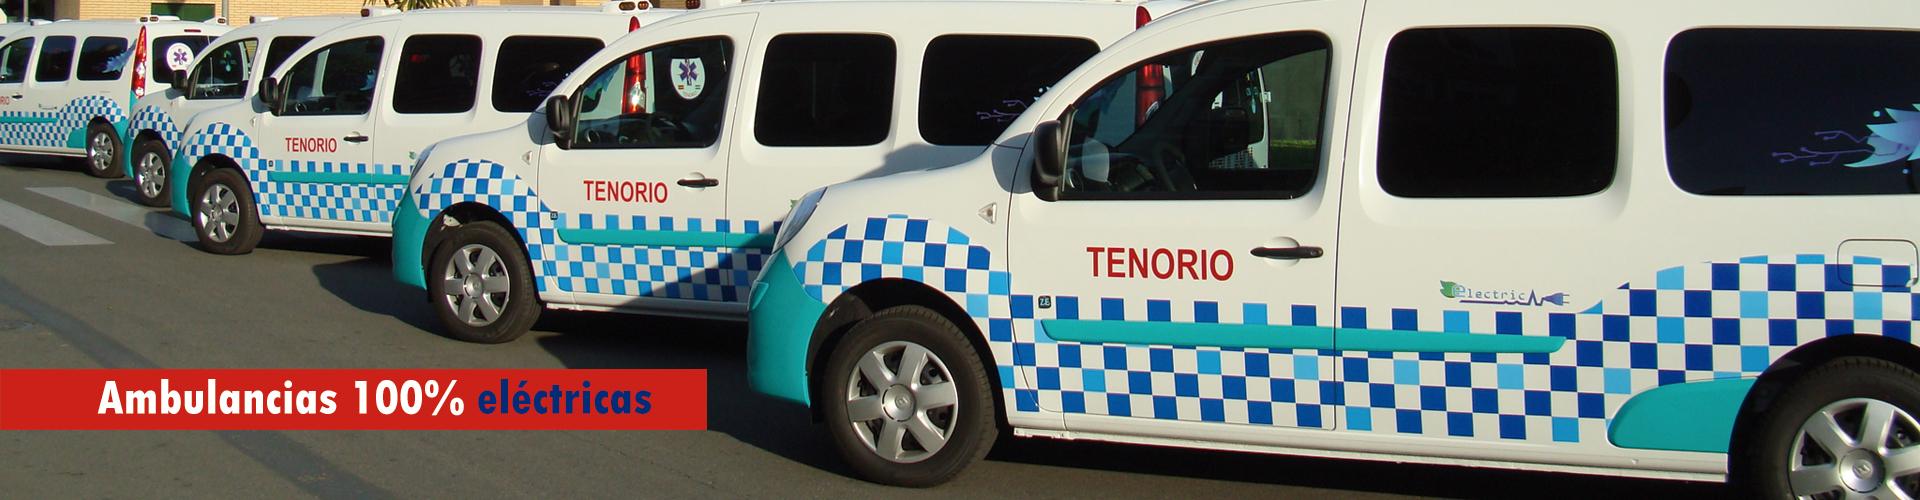 ambulancias-lecetricas